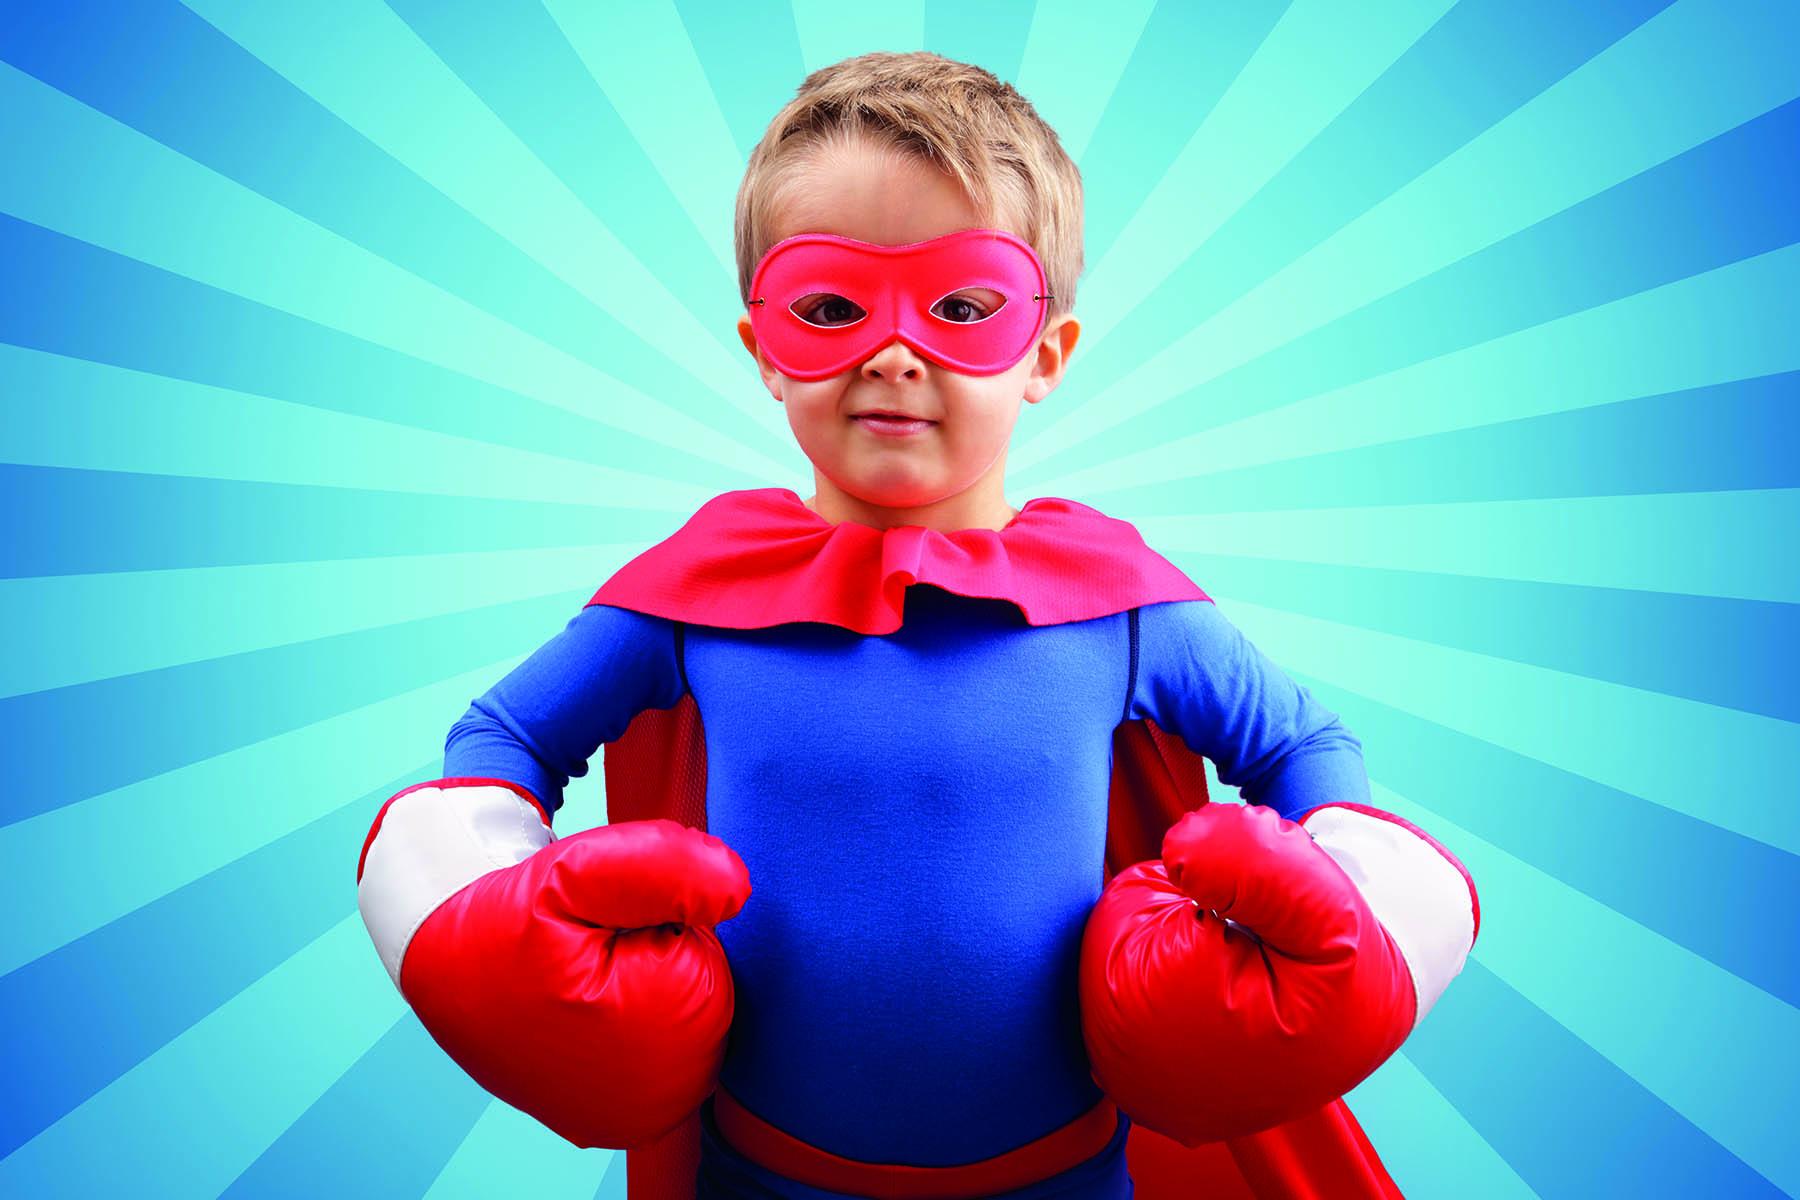 Pojke i röda boxhandskar, mask och mantel